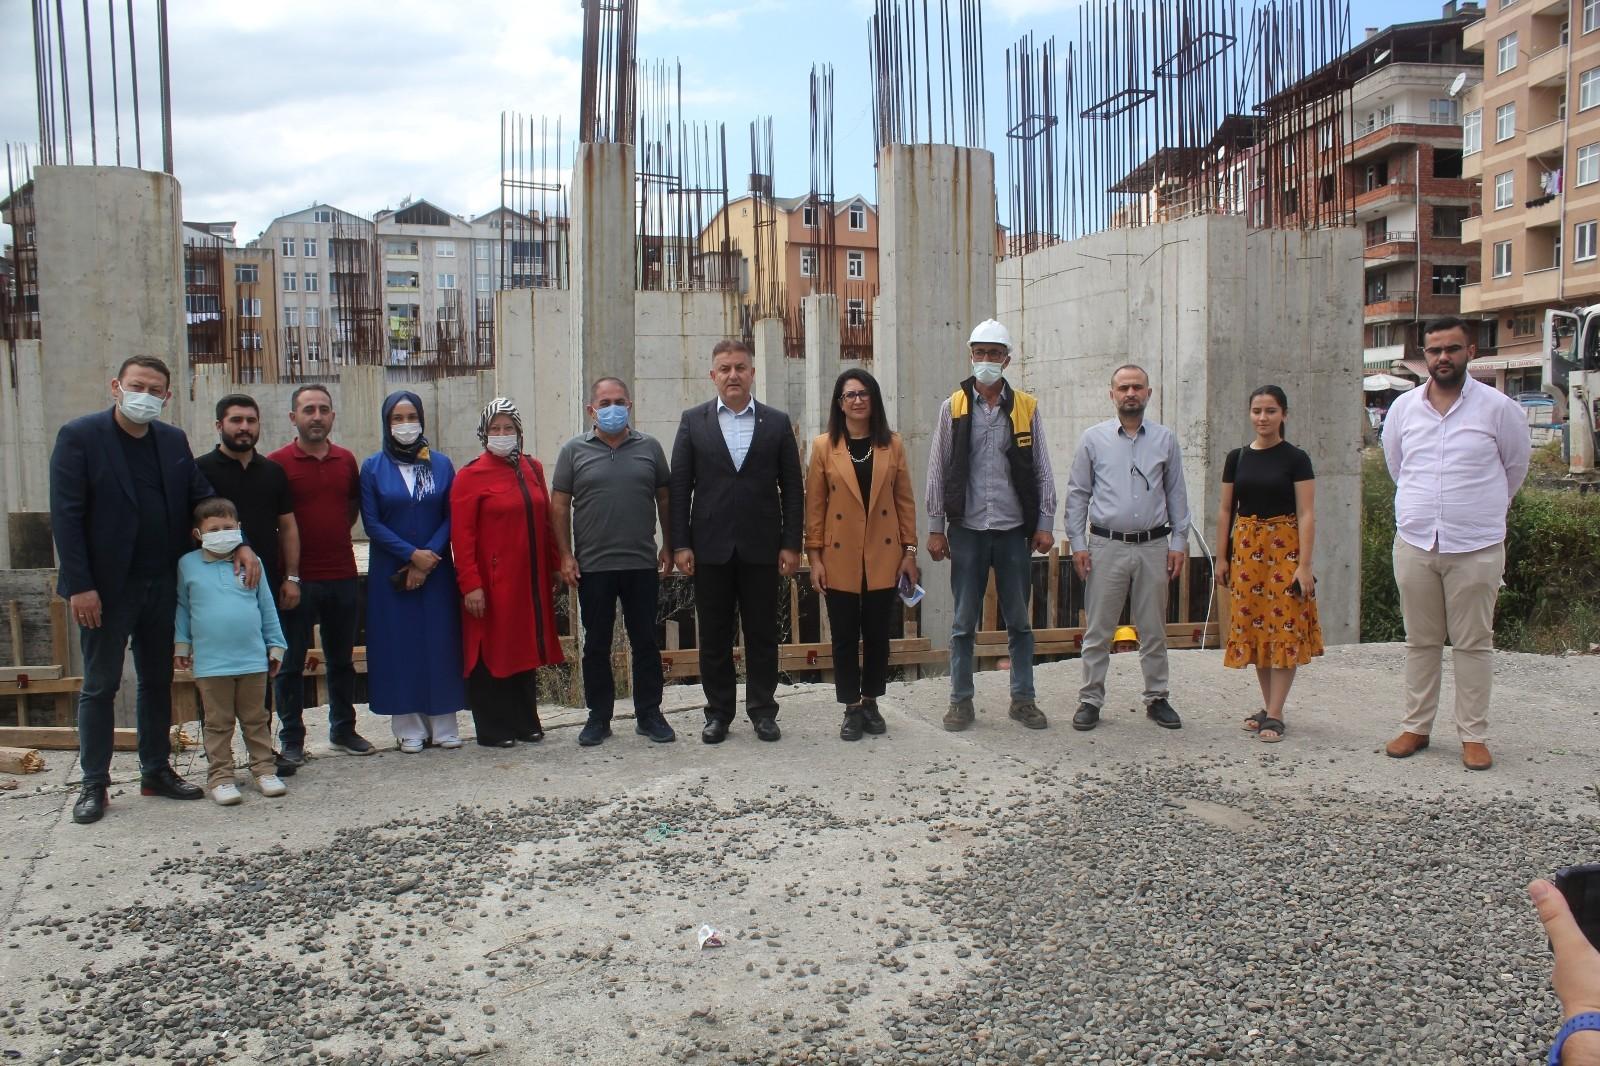 Ünye Kültür Merkezi 2022 yılında tamamlanıyor